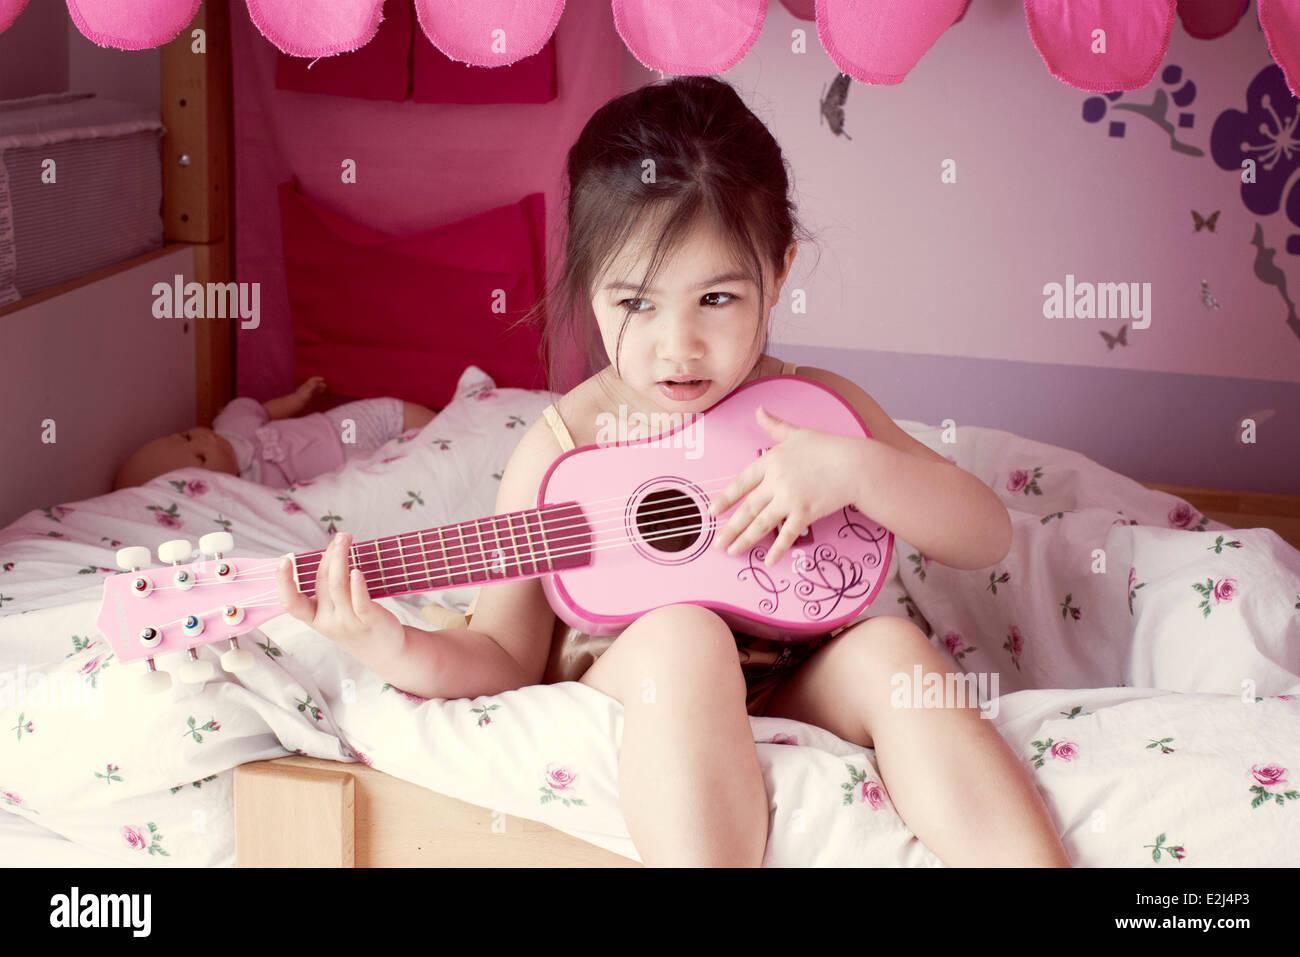 Niña sentada en la cama, tocando la guitarra de juguete Imagen De Stock